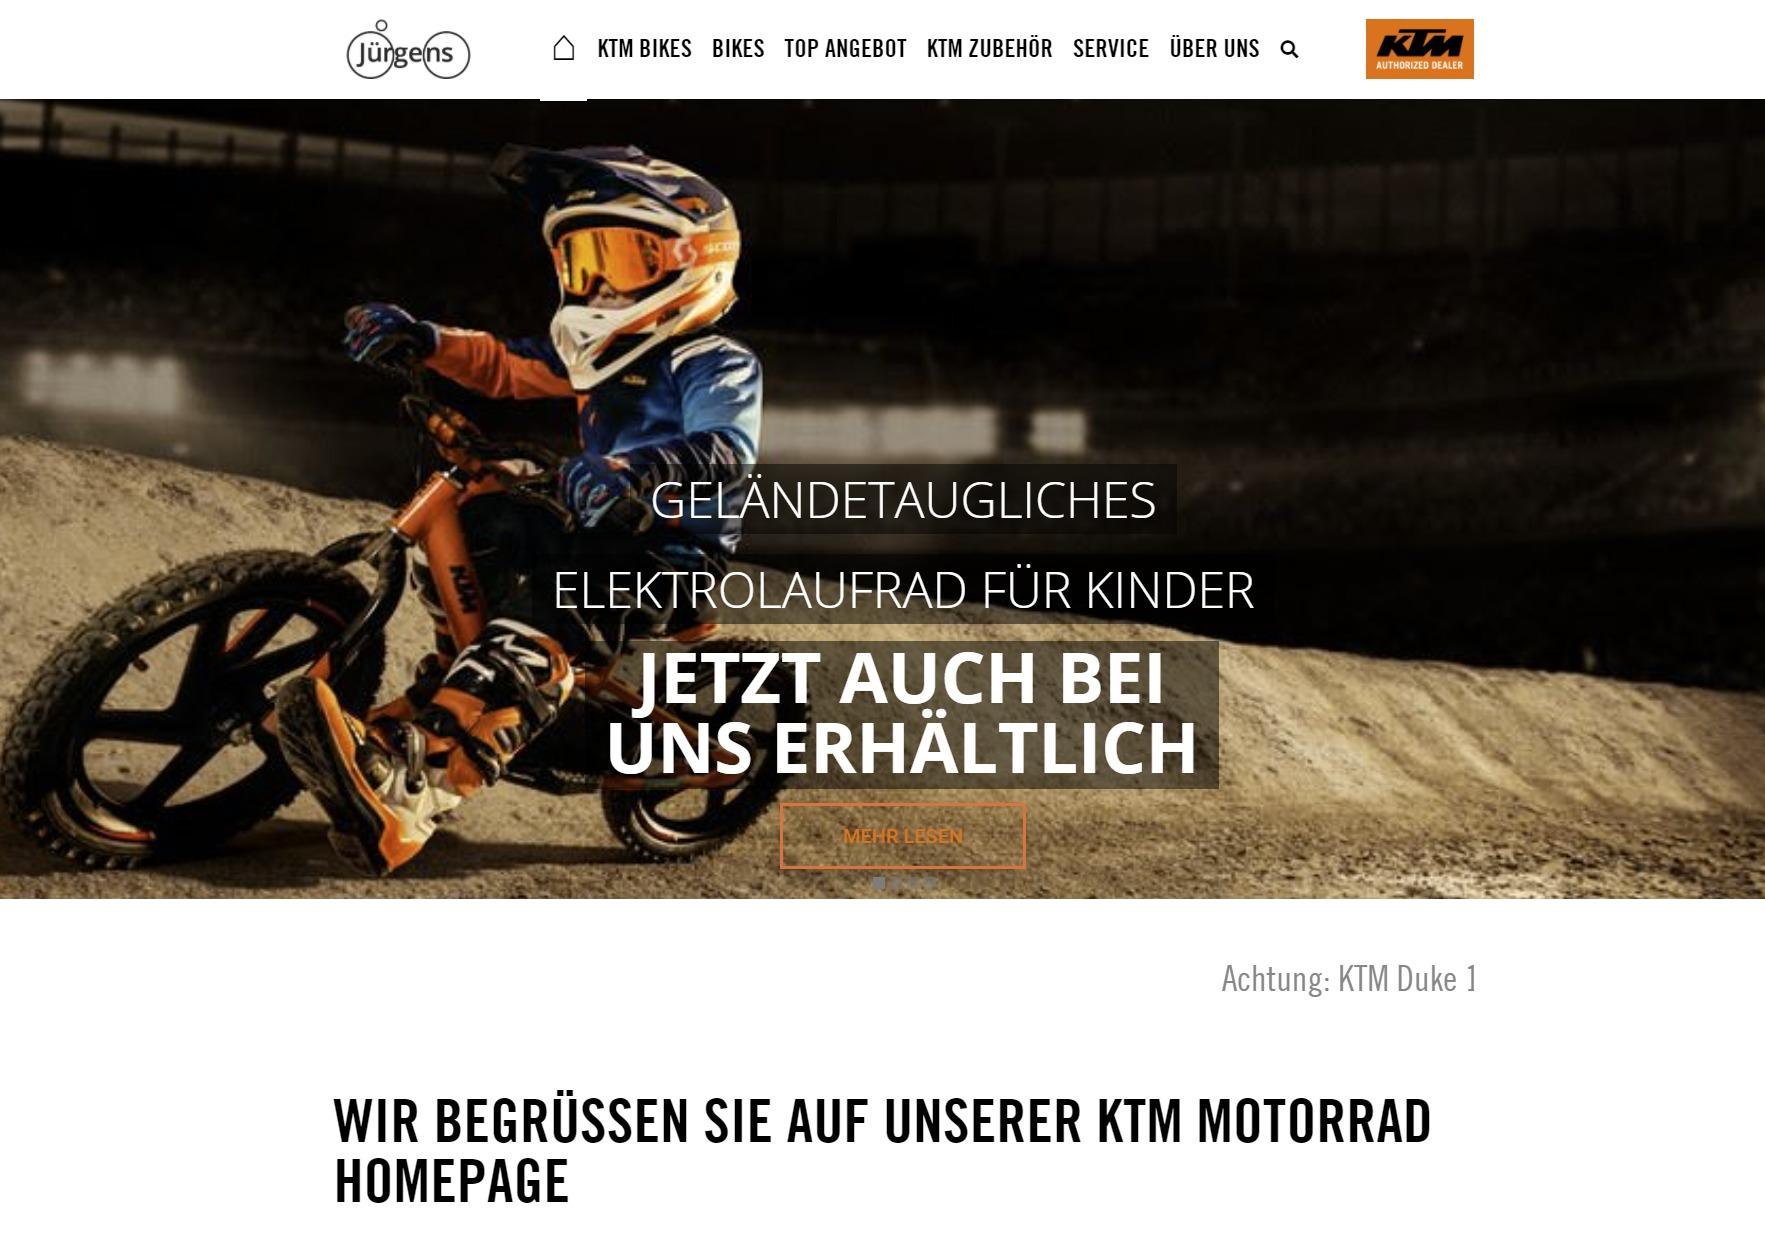 https://www.ktm-juergens.de/